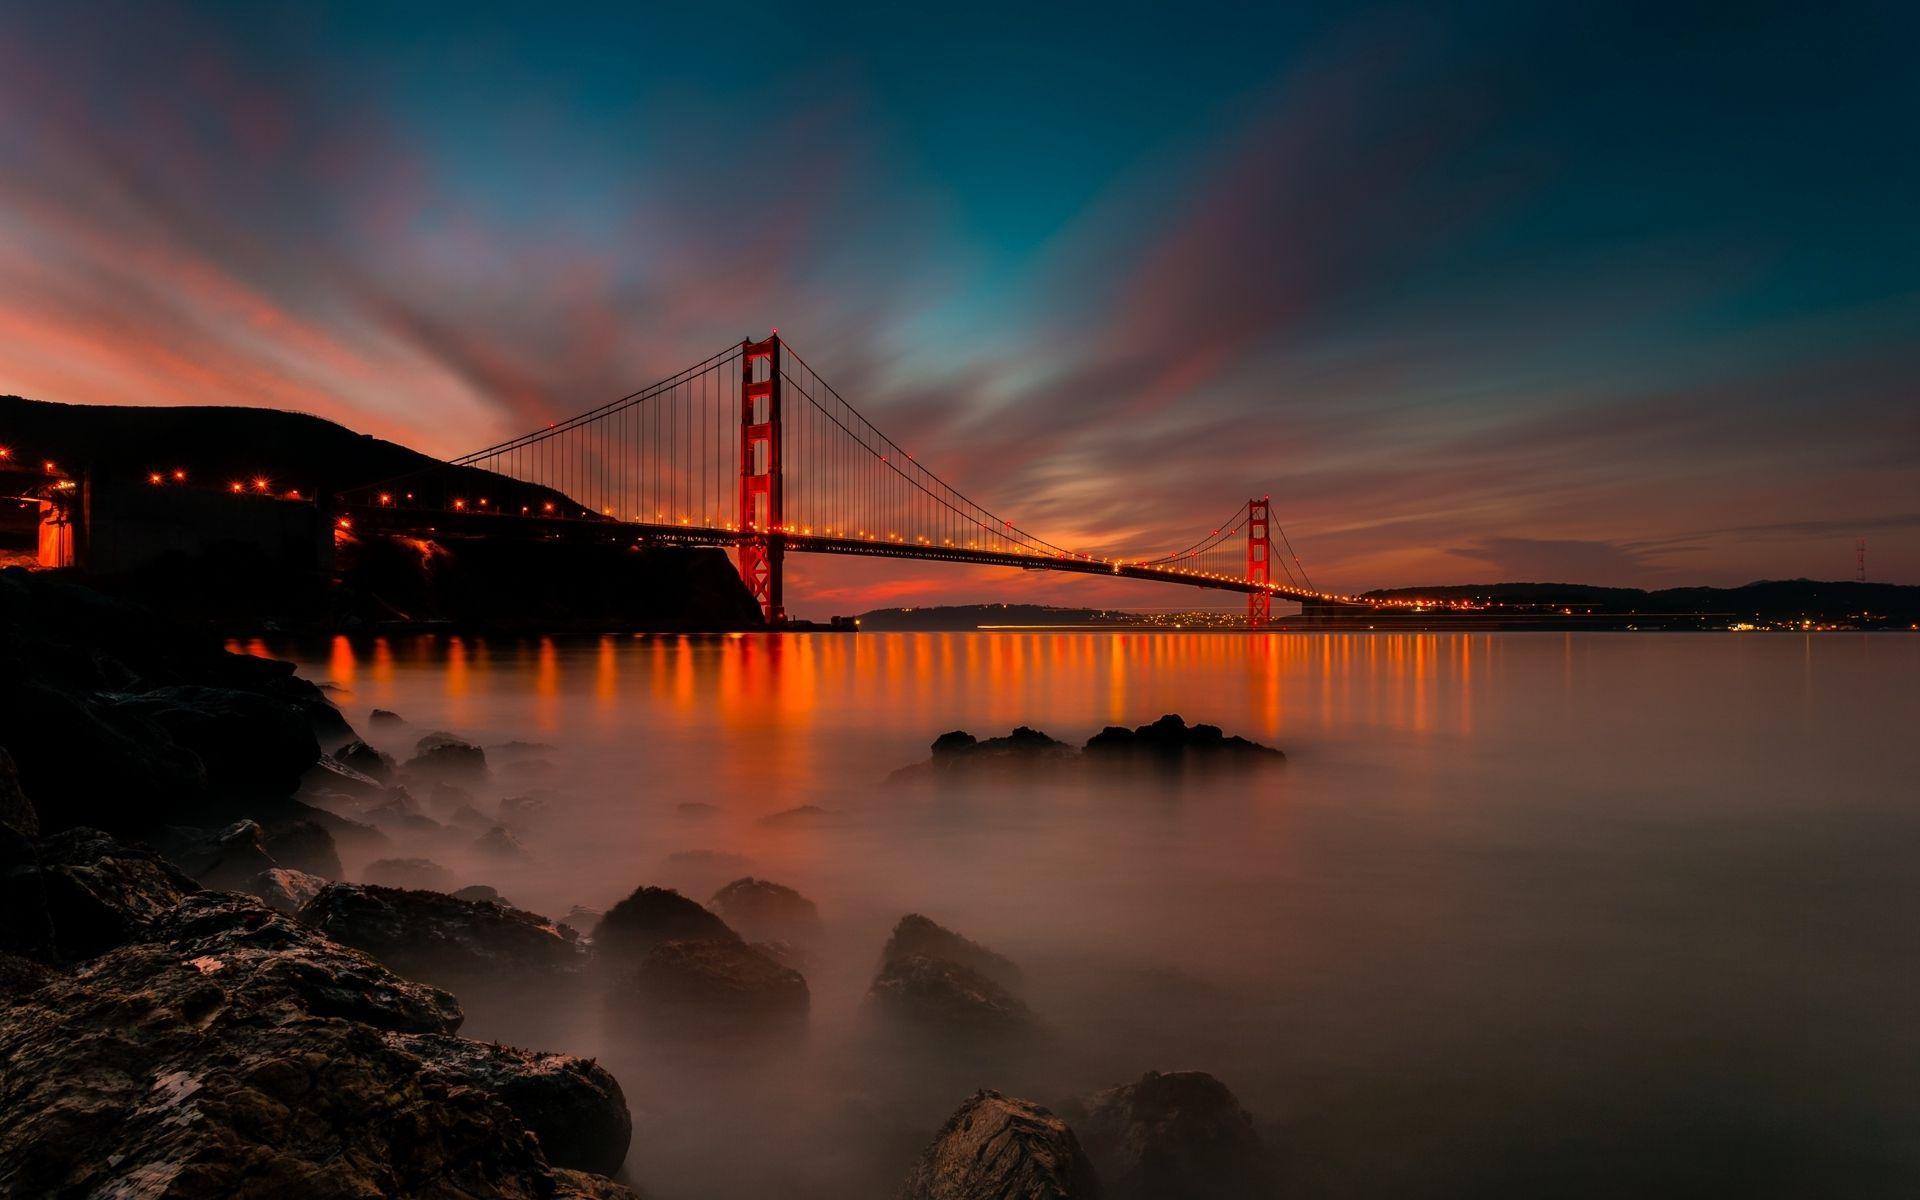 San Francisco Wallpaper 882704 San Francisco Wallpaper 882738 San 1920x1200